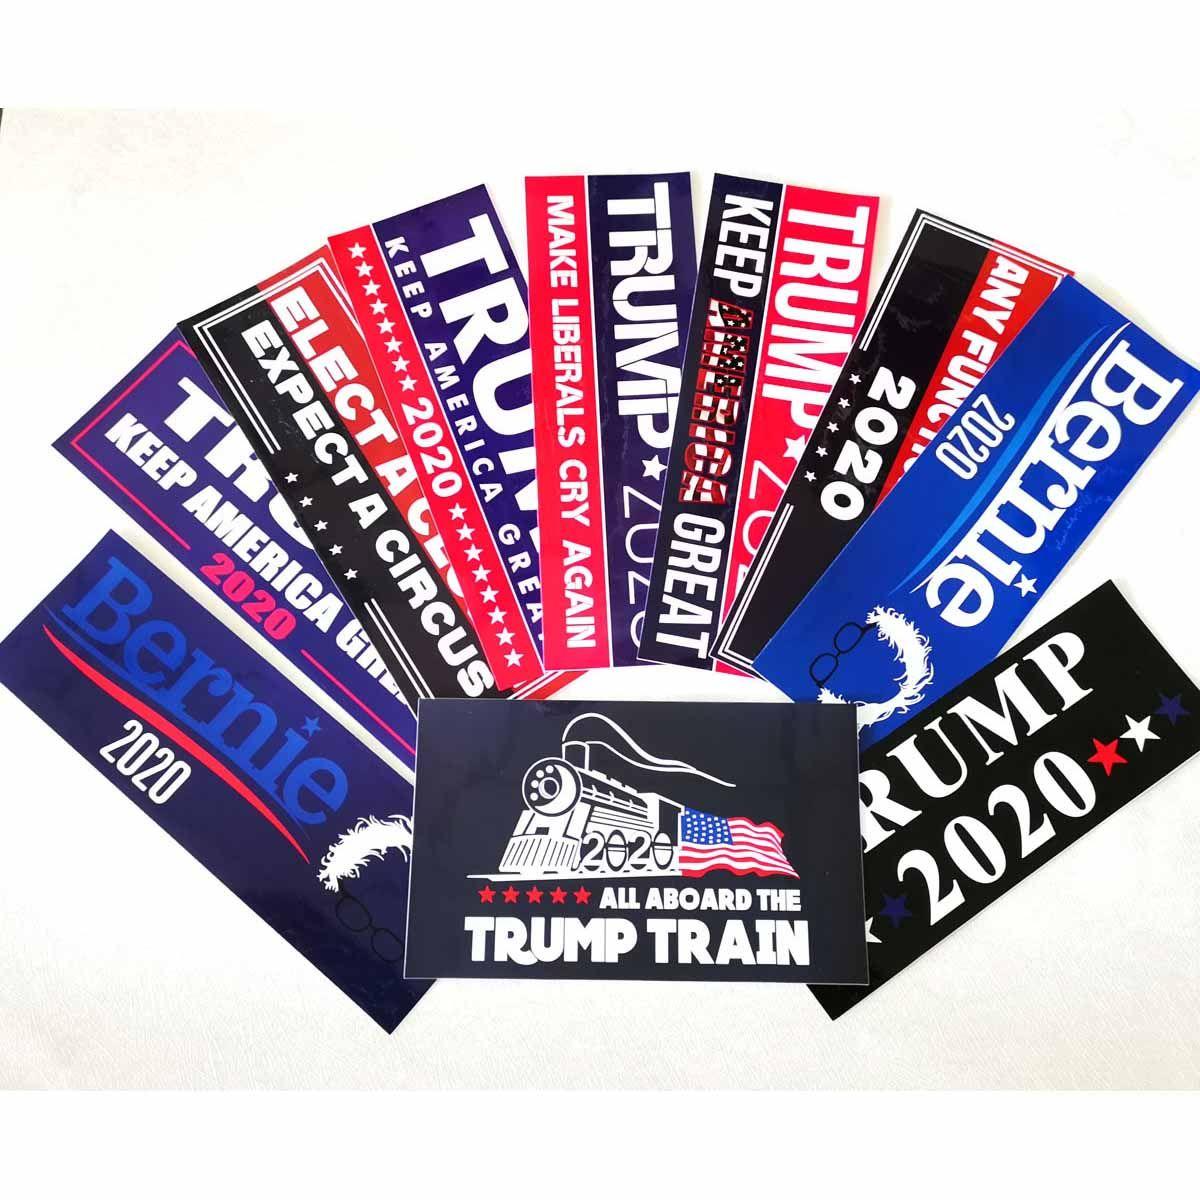 Trump Presidente Elección parachoques americana etiquetas engomadas del coche de la etiqueta de Gran Car Styling Vehículo parche decorativo XD21907